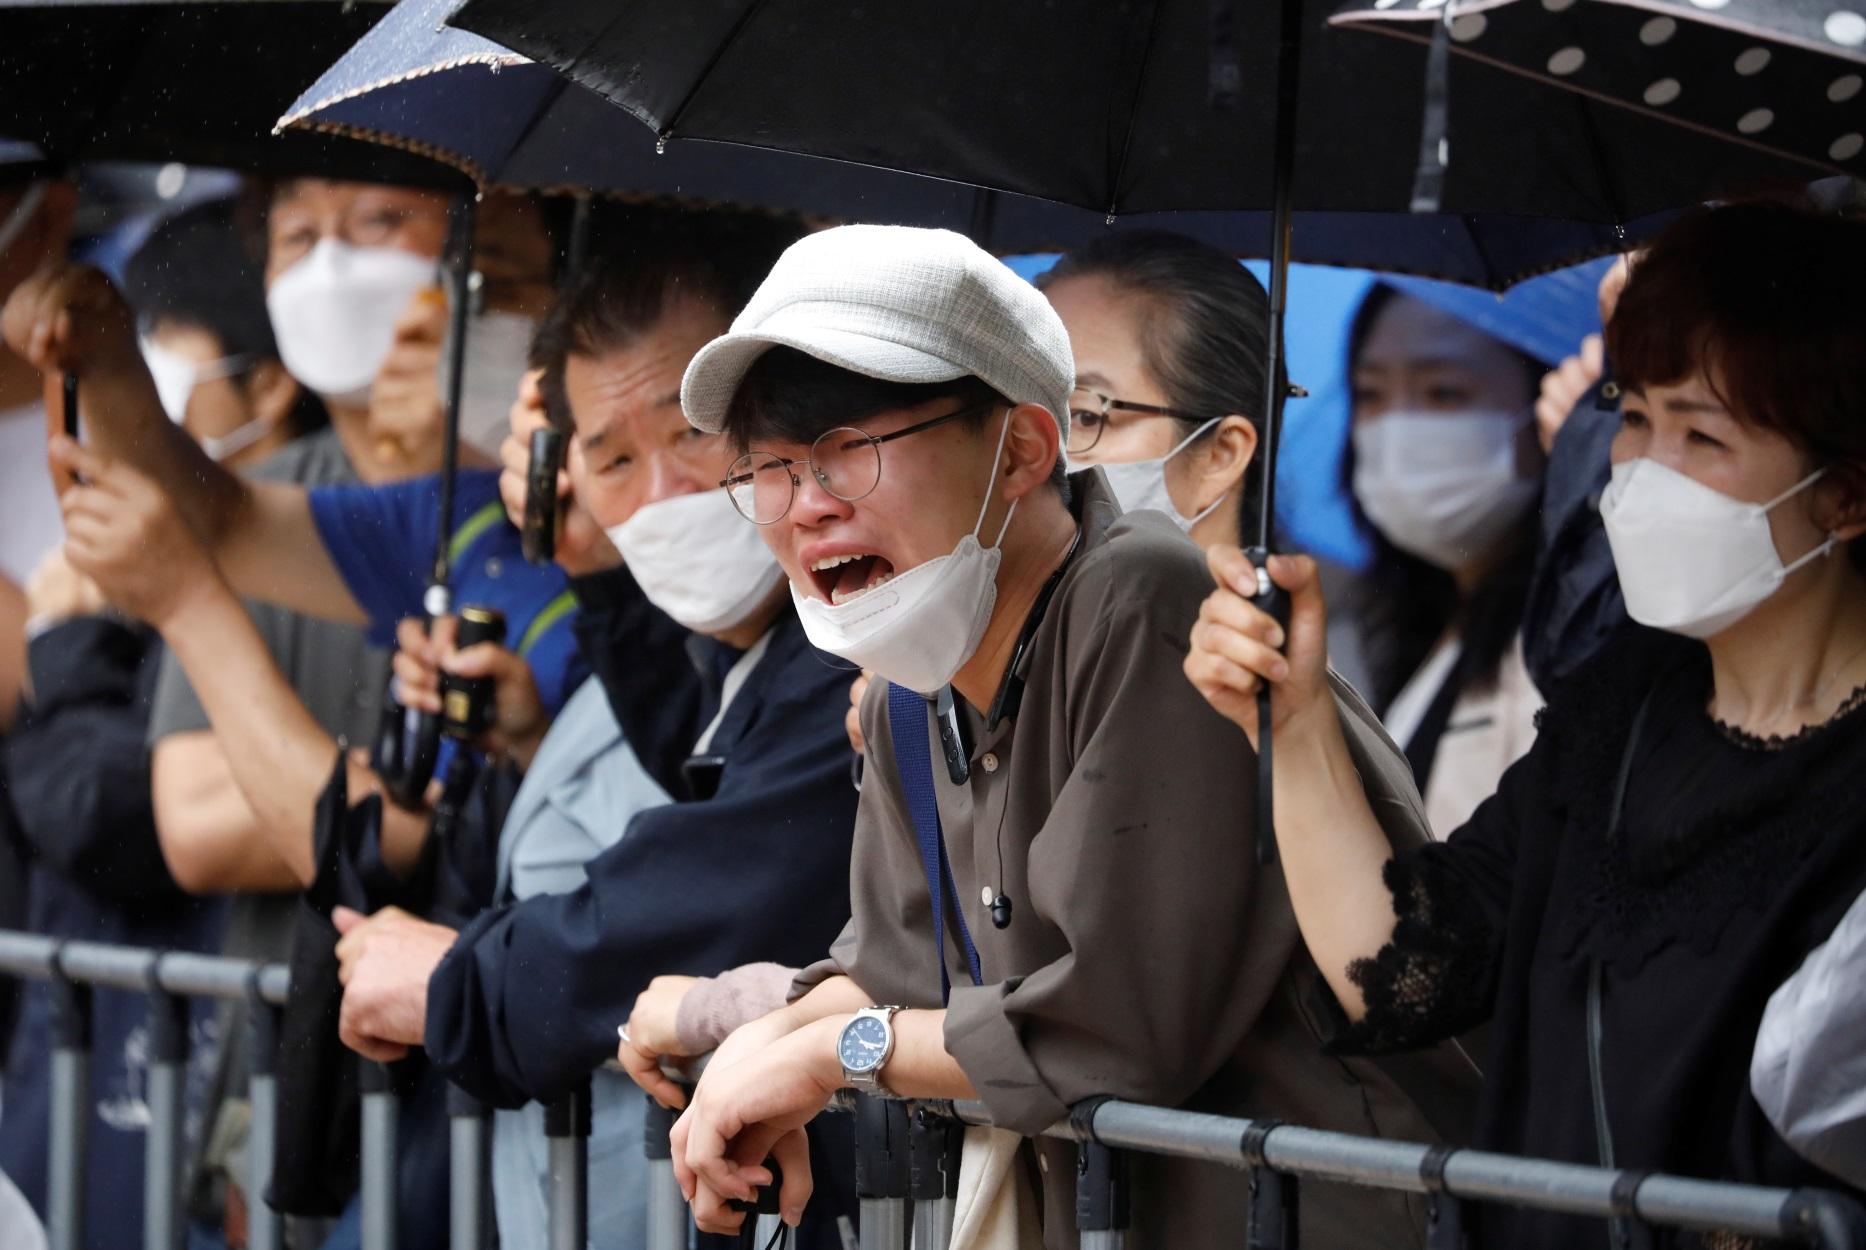 Σεούλ: Σκηνές απίστευτης οδύνης στην κηδεία του δημάρχου που αυτοκτόνησε (pics)